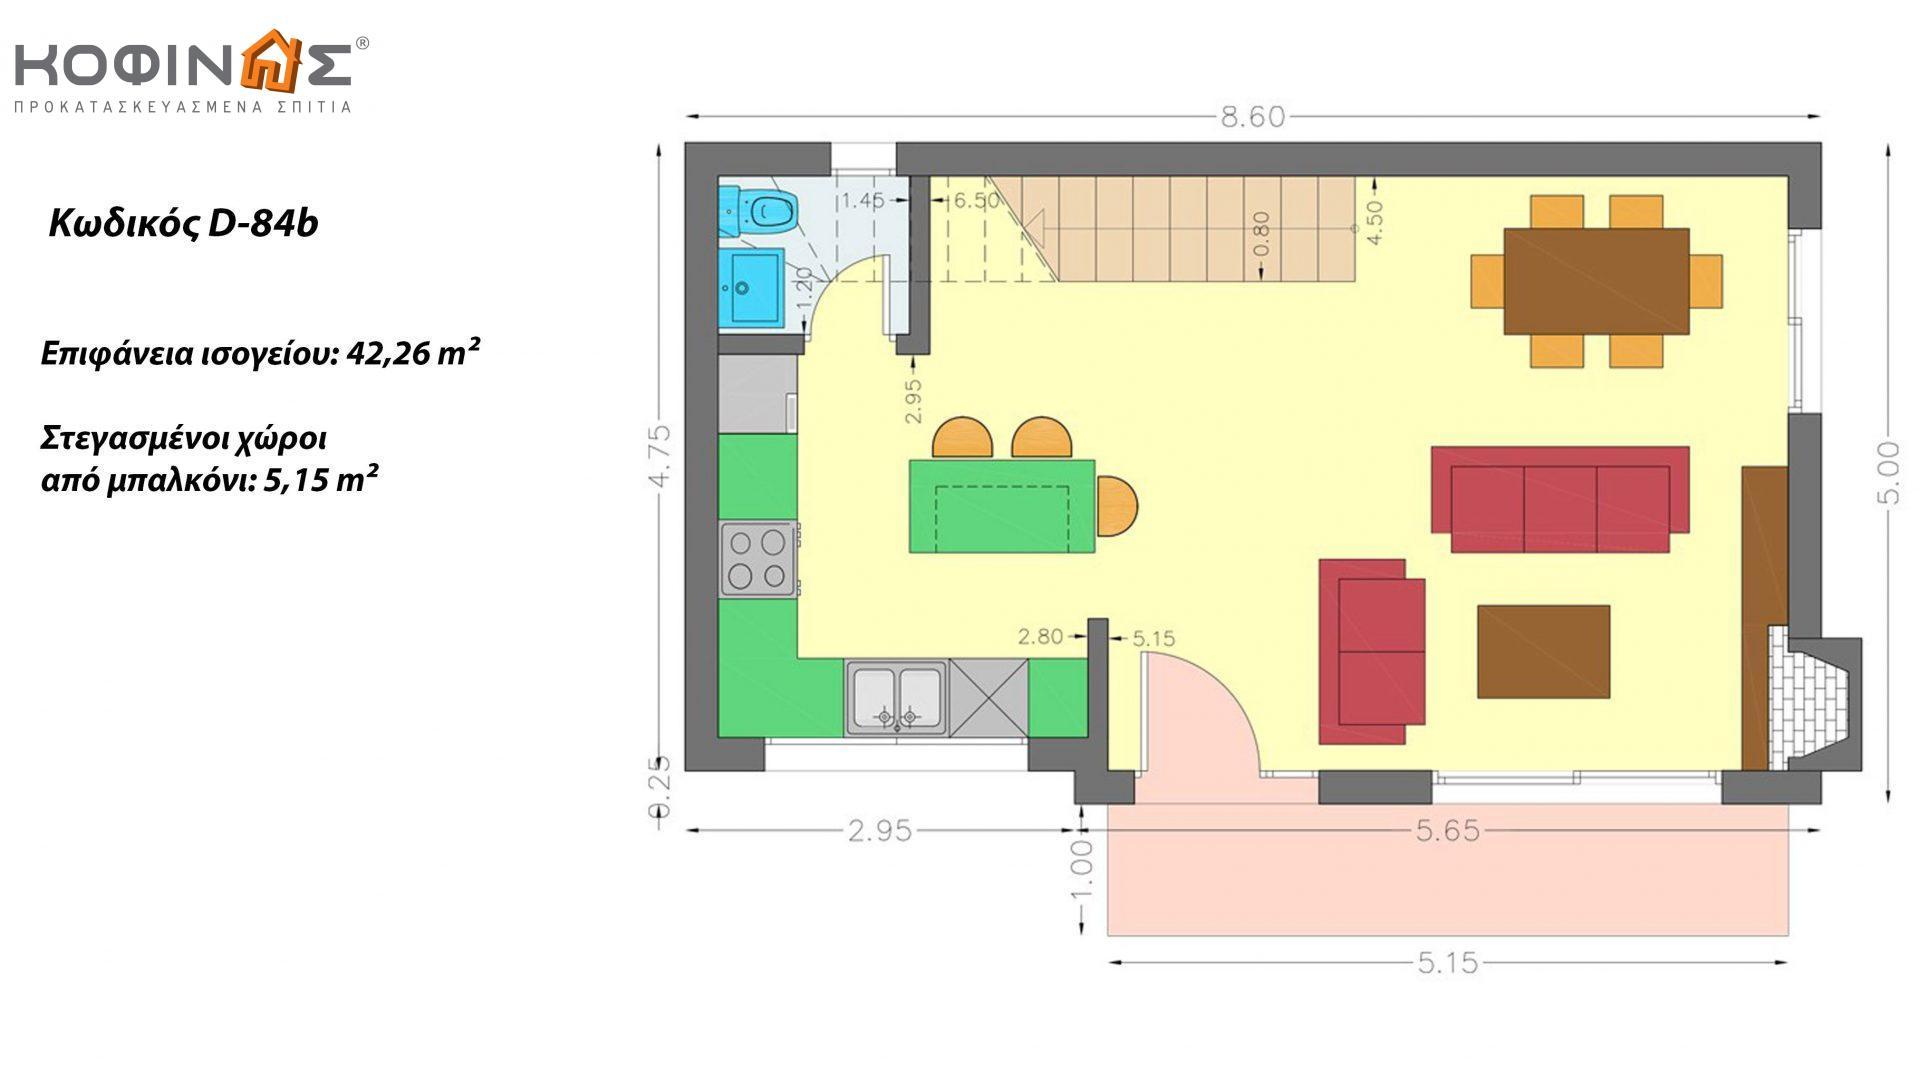 Διώροφη Κατοικία D-84b, συνολικής επιφάνειας 84,52 τ.μ. , συνολική επιφάνεια στεγασμένων χώρων 5,15 τ.μ., μπαλκόνια 5,15 τ.μ.